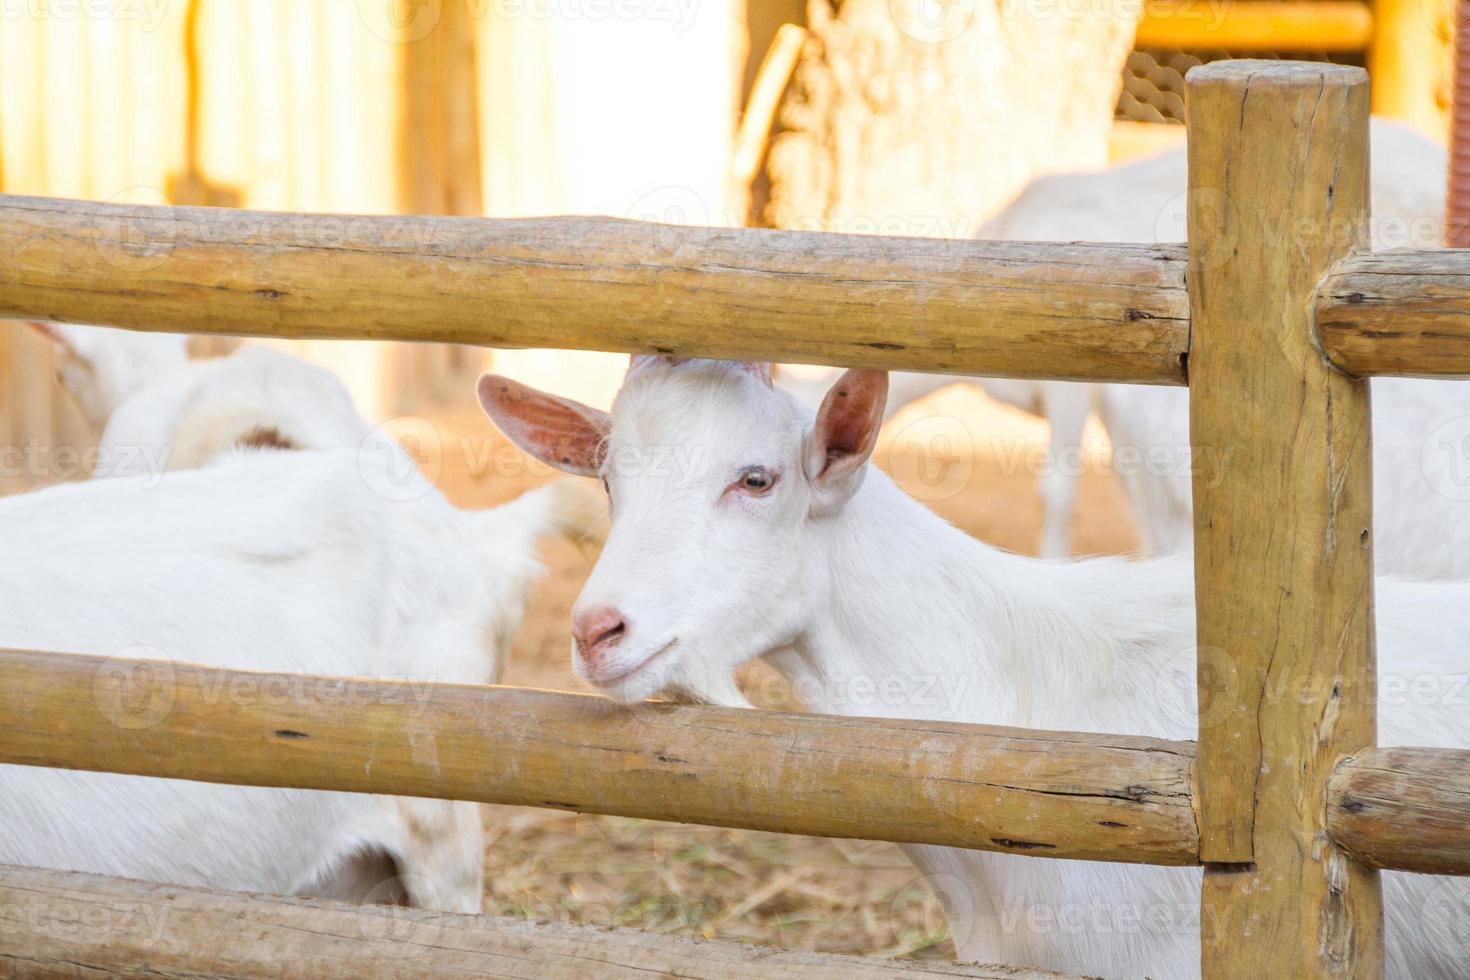 cabras comiendo en una granja en río de janeiro, brasil. foto